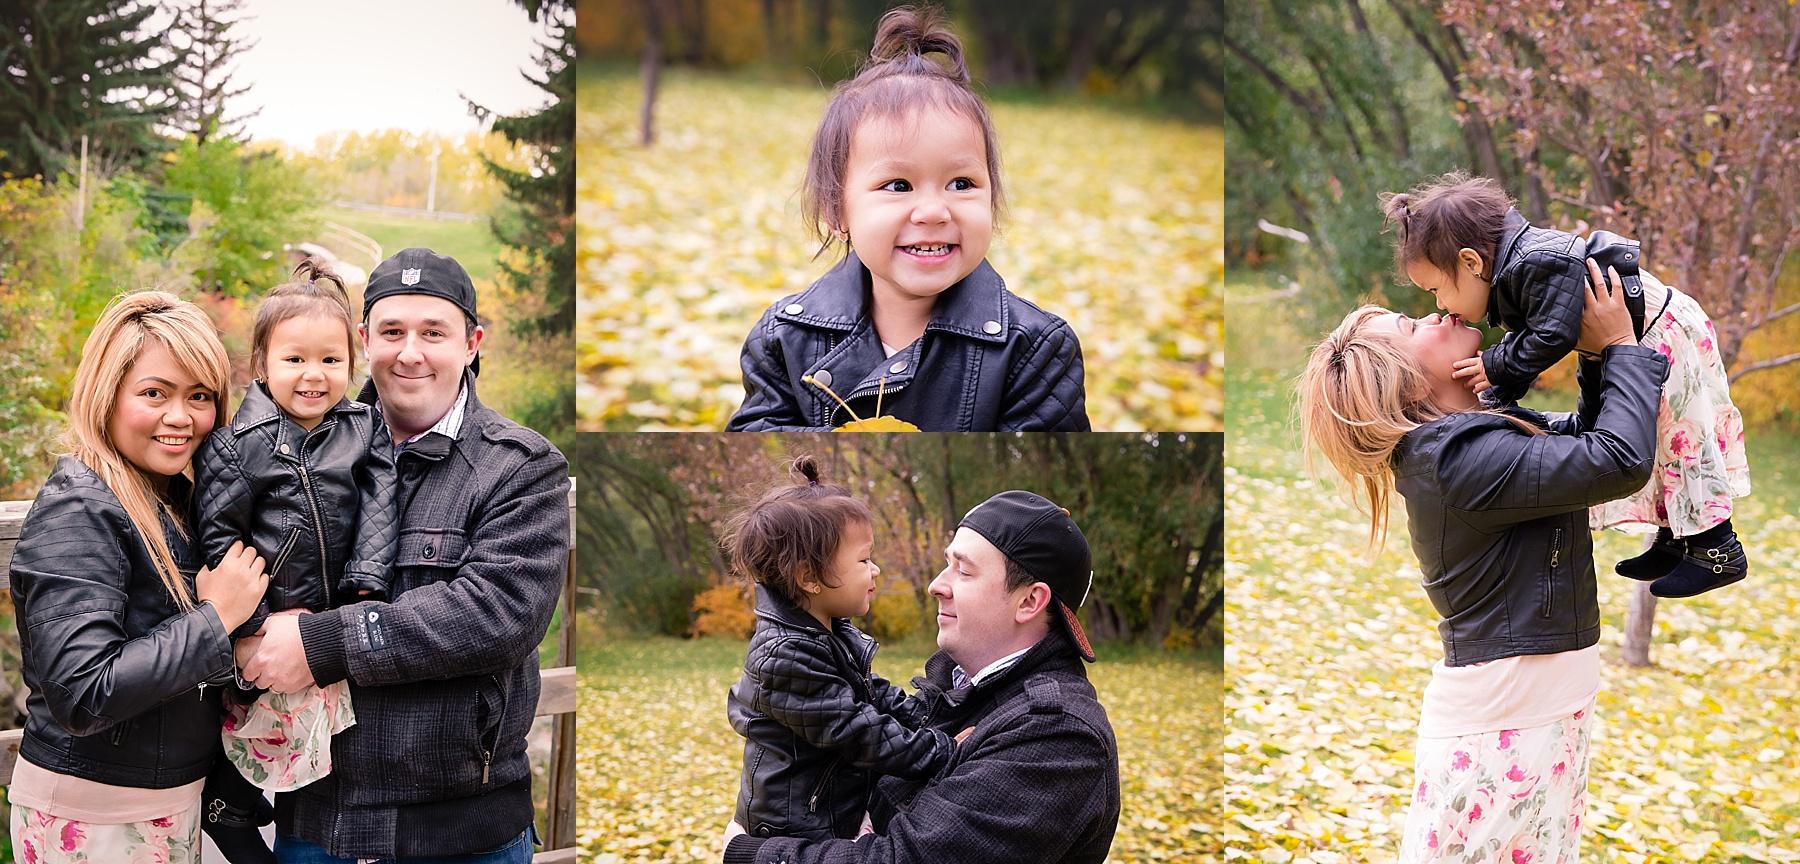 Calgary Fall Mini Session - Confederation Park. Calgary Family Photographer - Milashka Photography